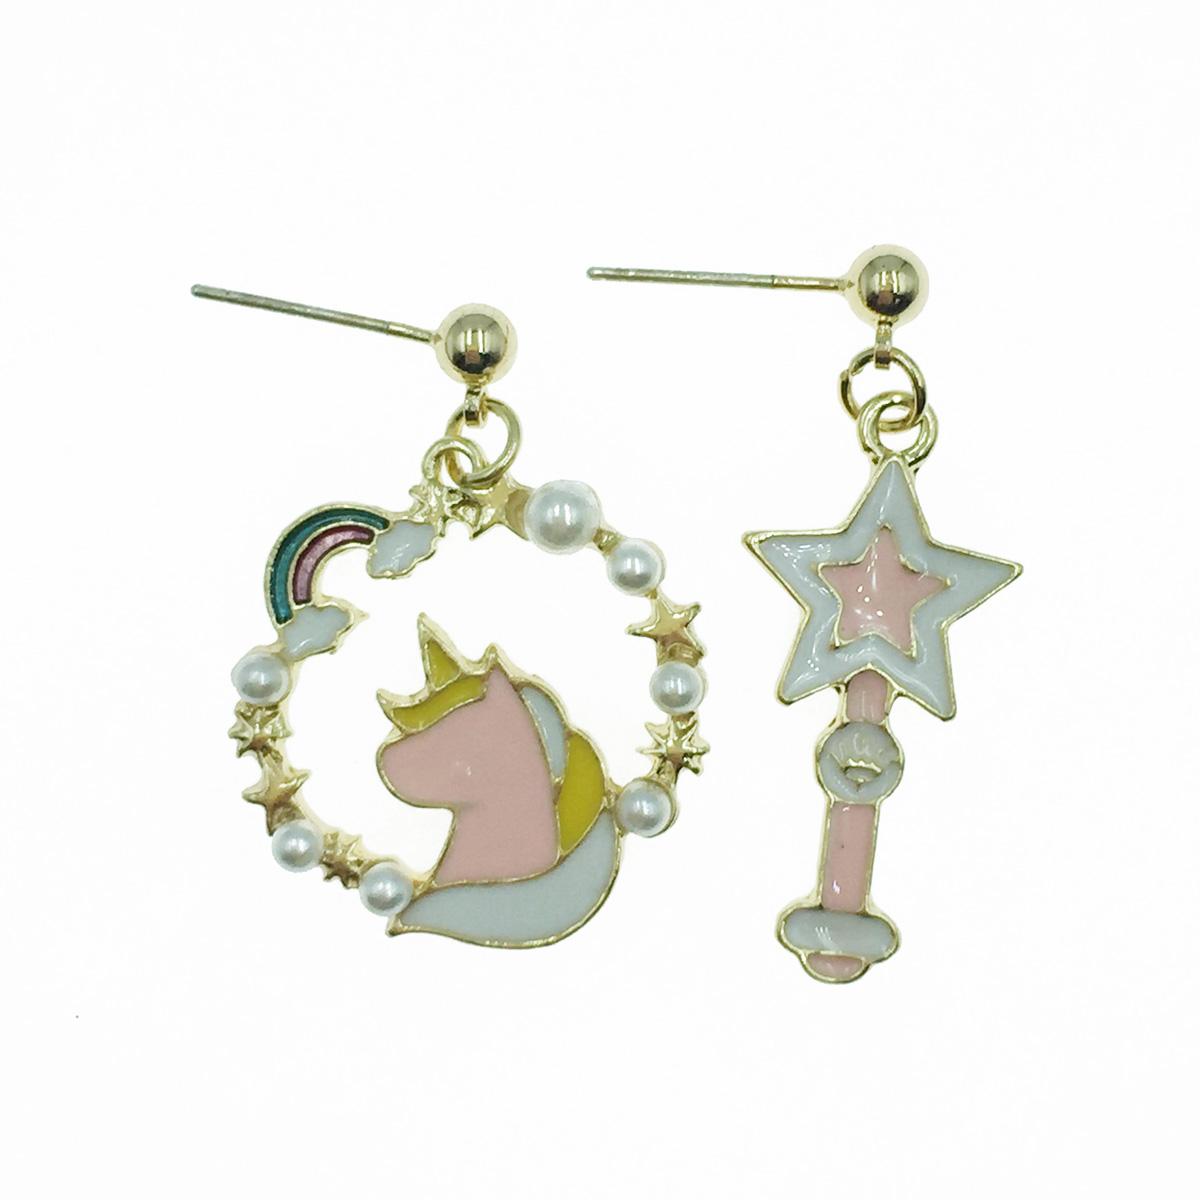 韓國 925純銀 彩虹 珍珠花圈 星星 飛馬 不對稱 垂墜感 耳針式耳環